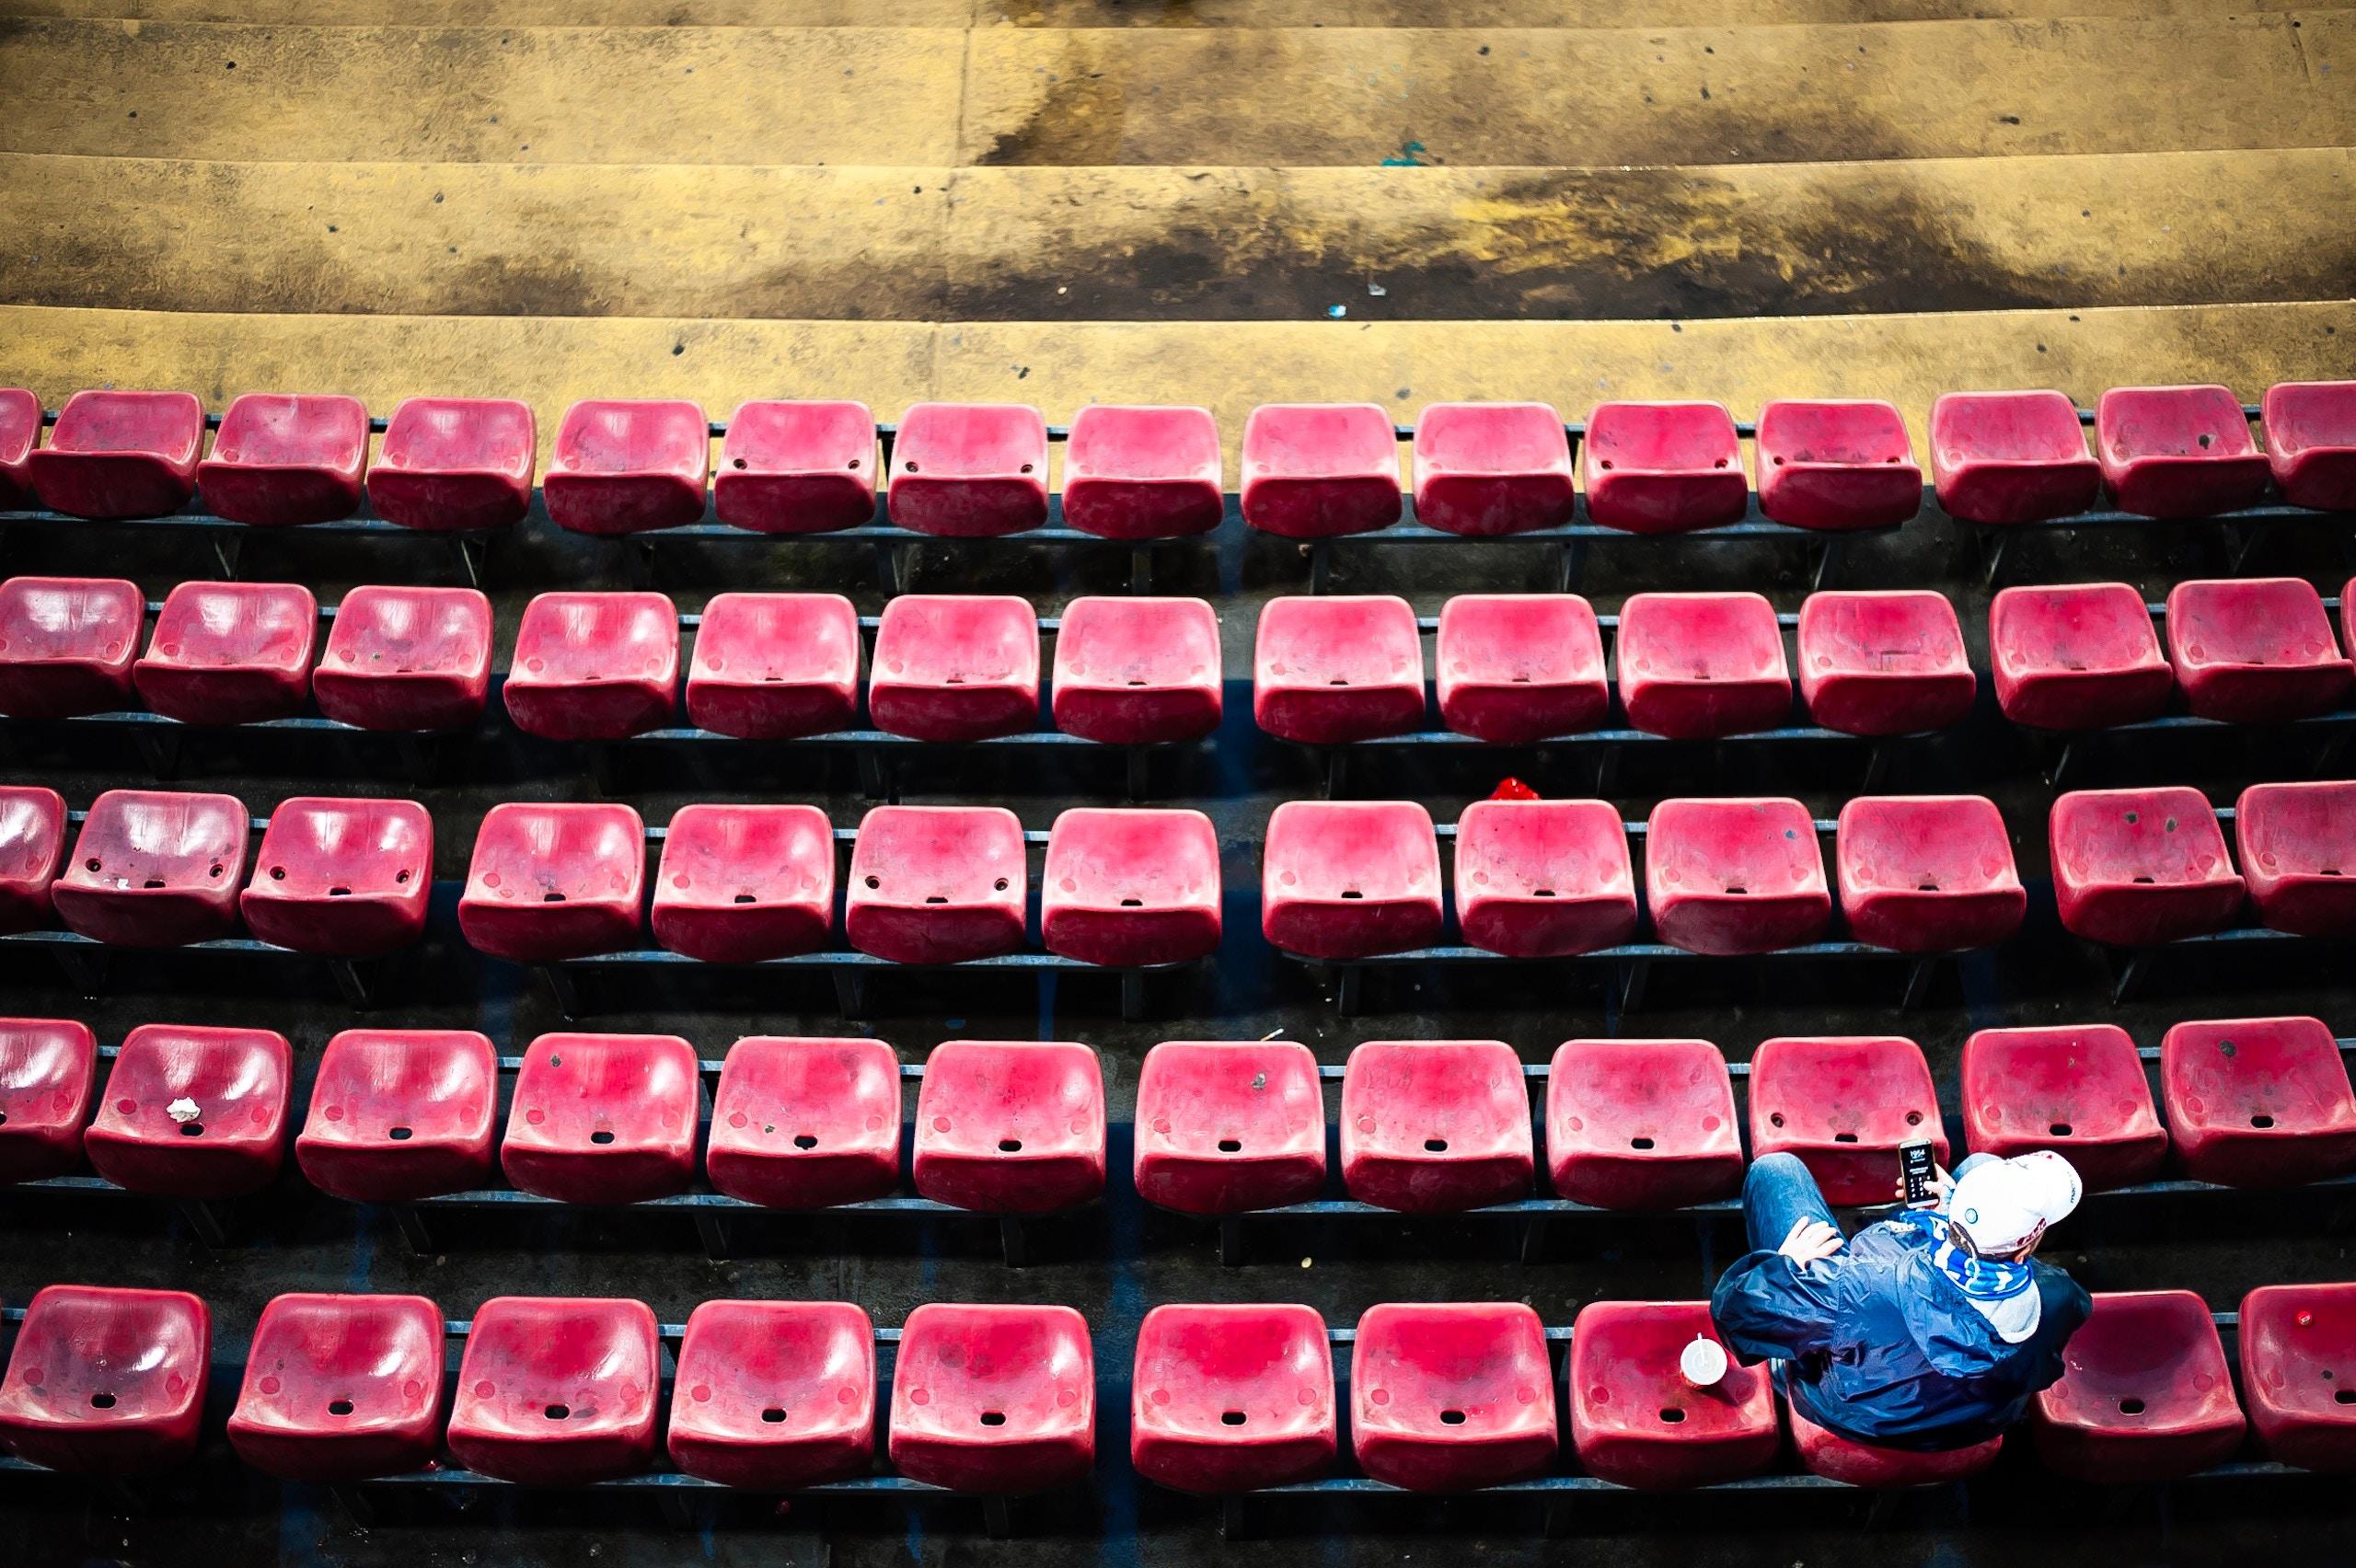 I migliori siti pronostici di calcio: come riconoscerli